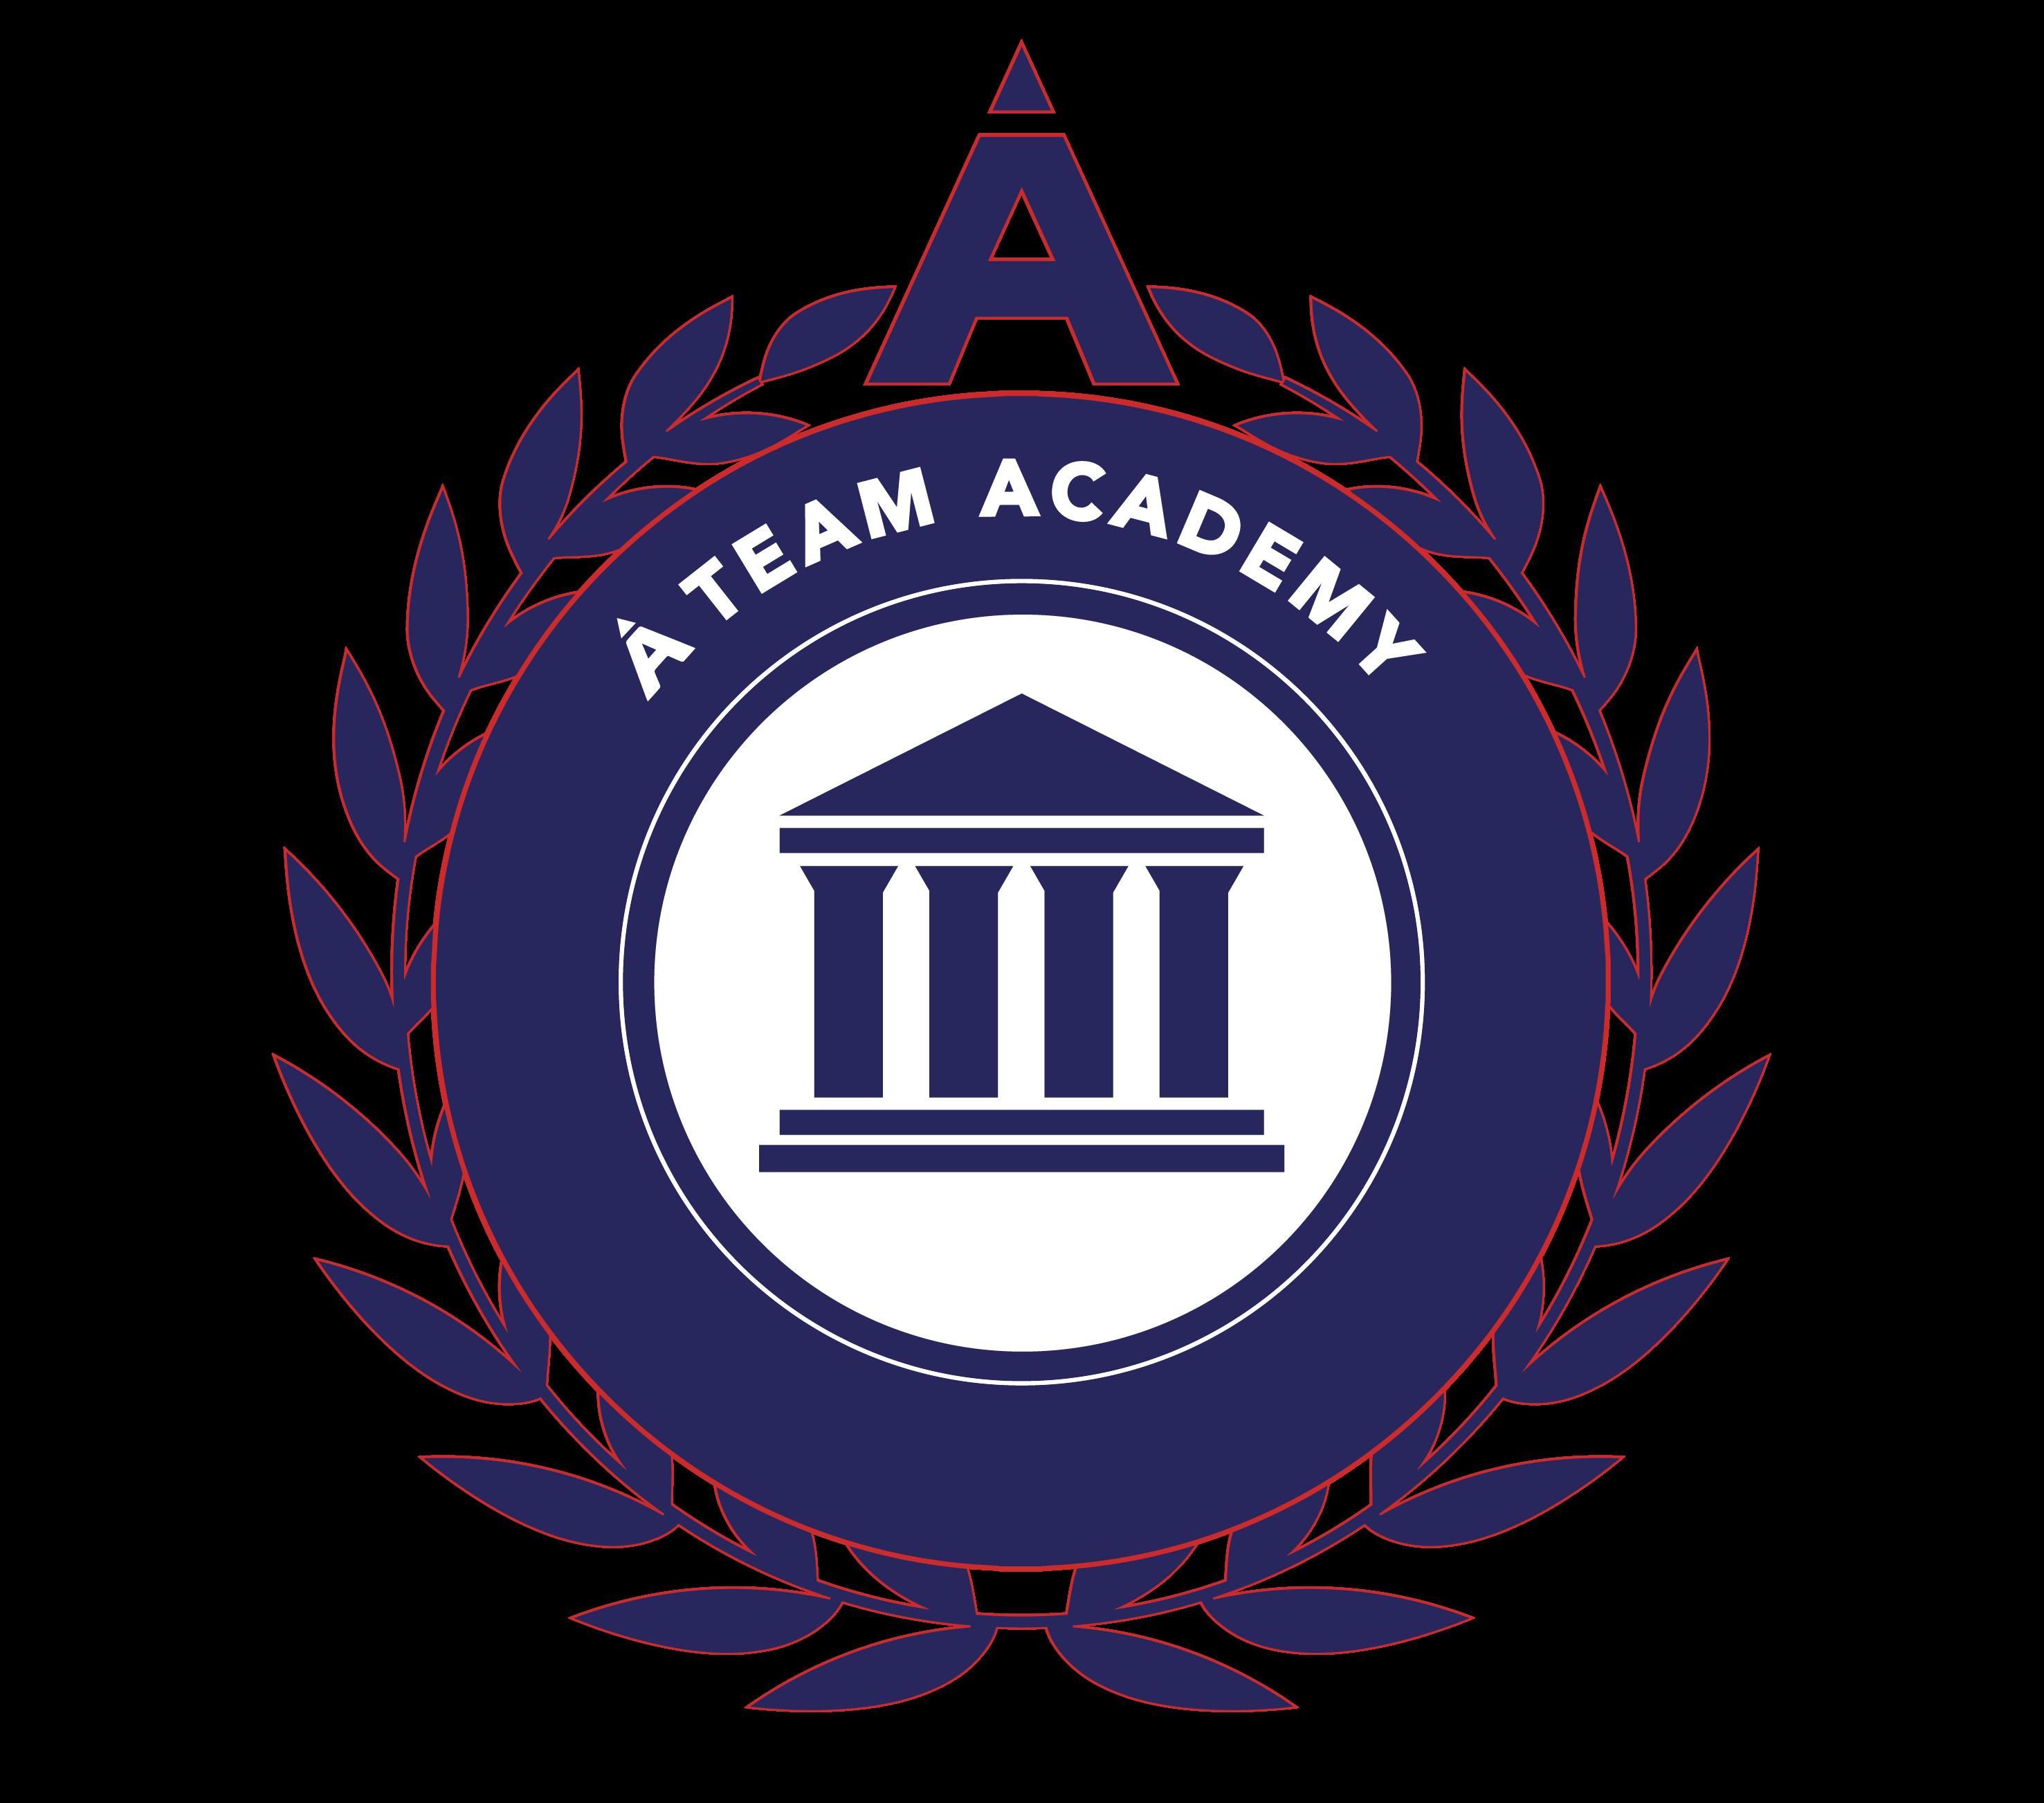 A Team Academy